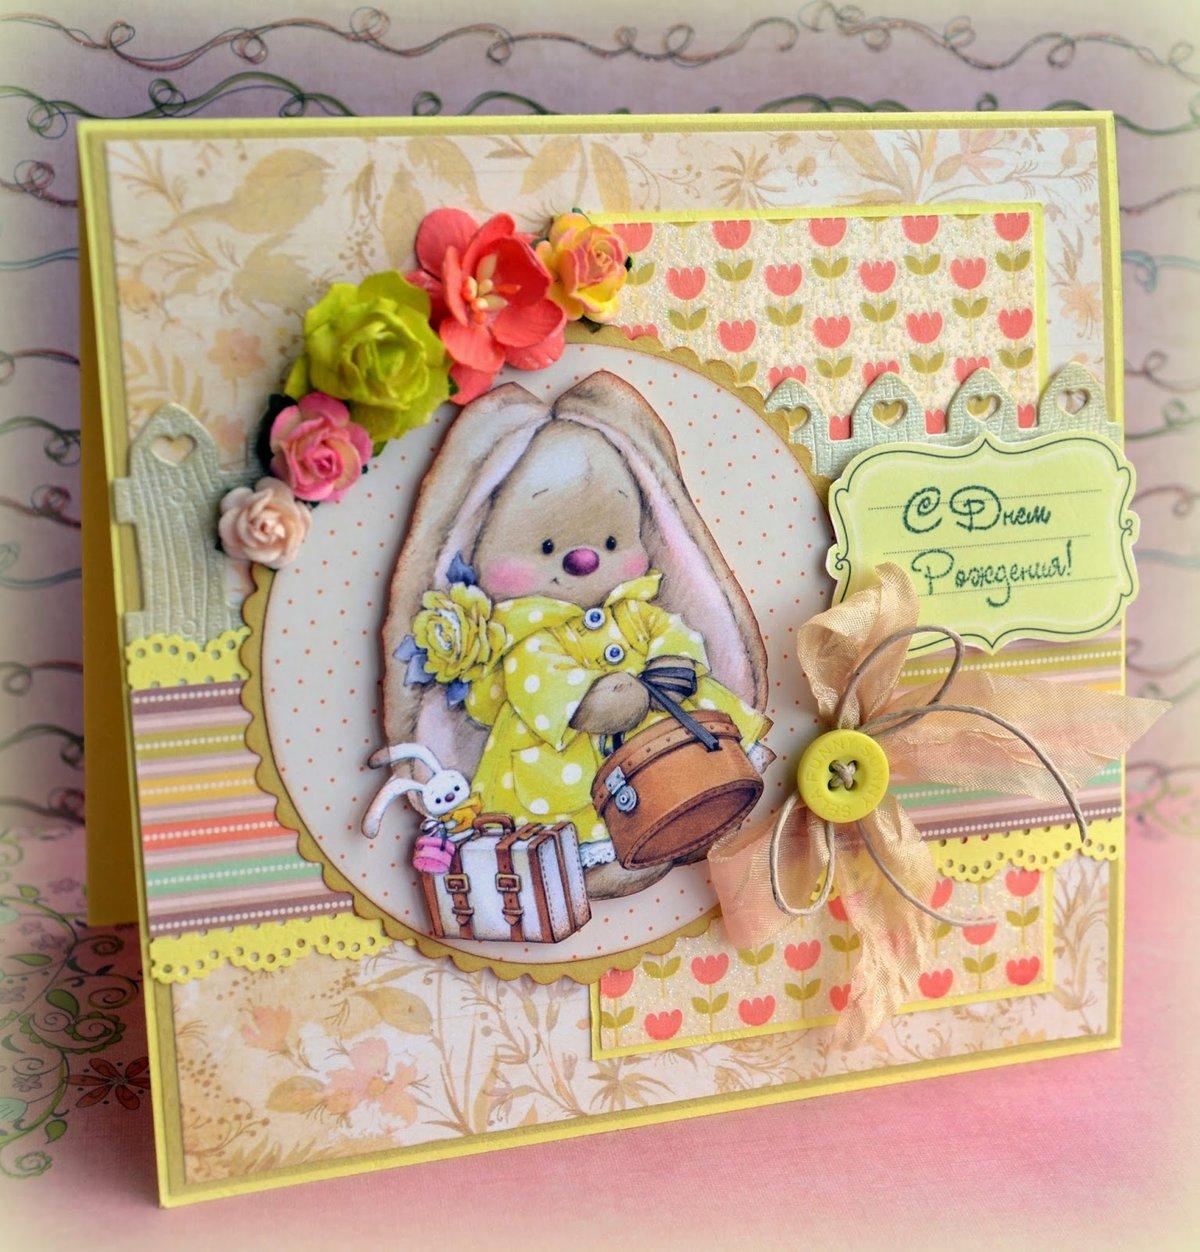 Открытки для девочки с днем рождения своими руками скрапбукинг, детский рисунок открытка